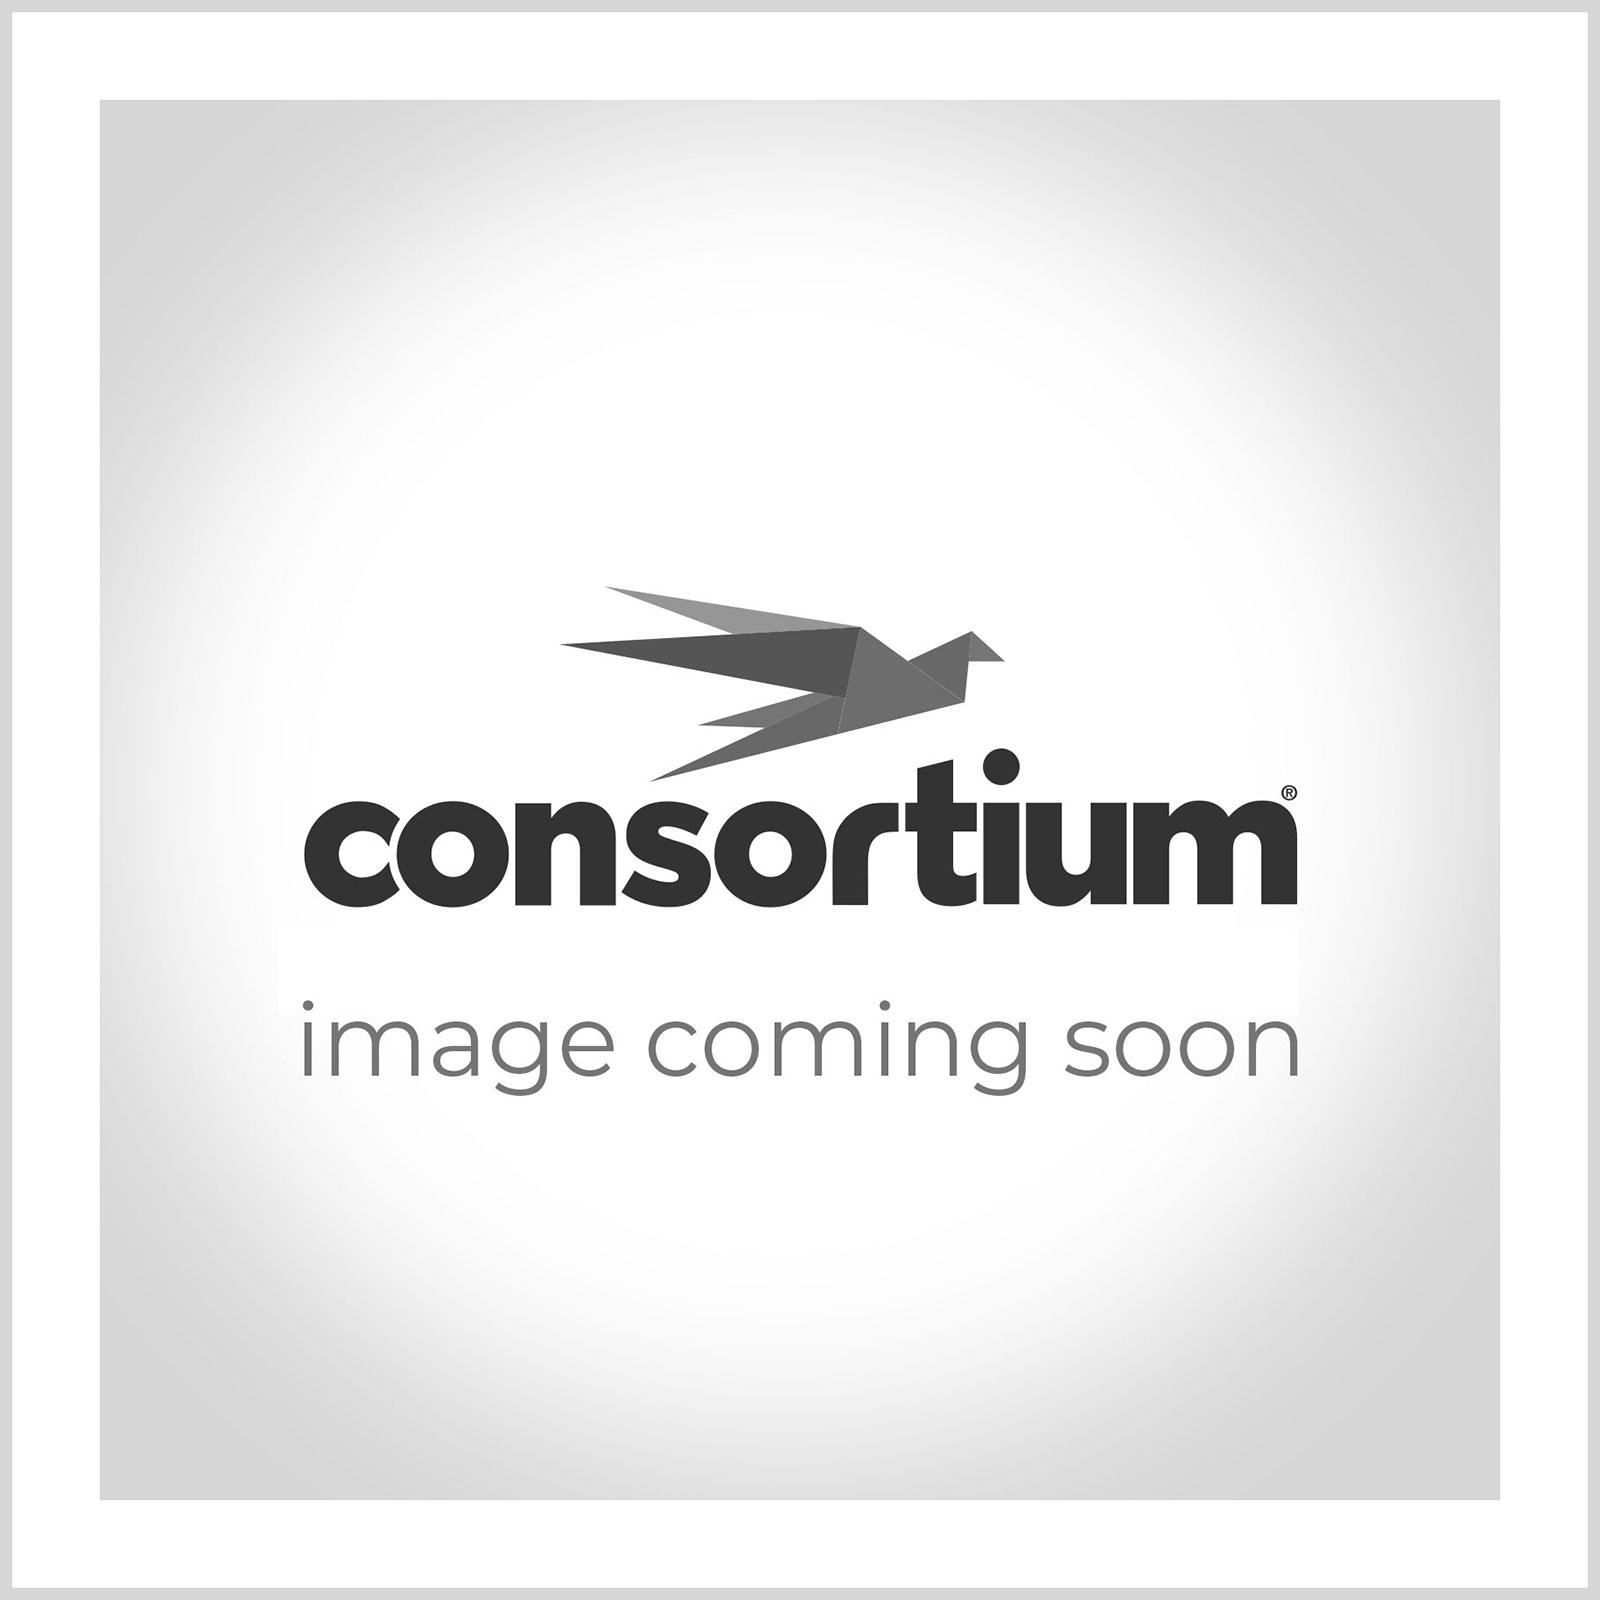 Consortium Hi-Tack Spray Adhesive